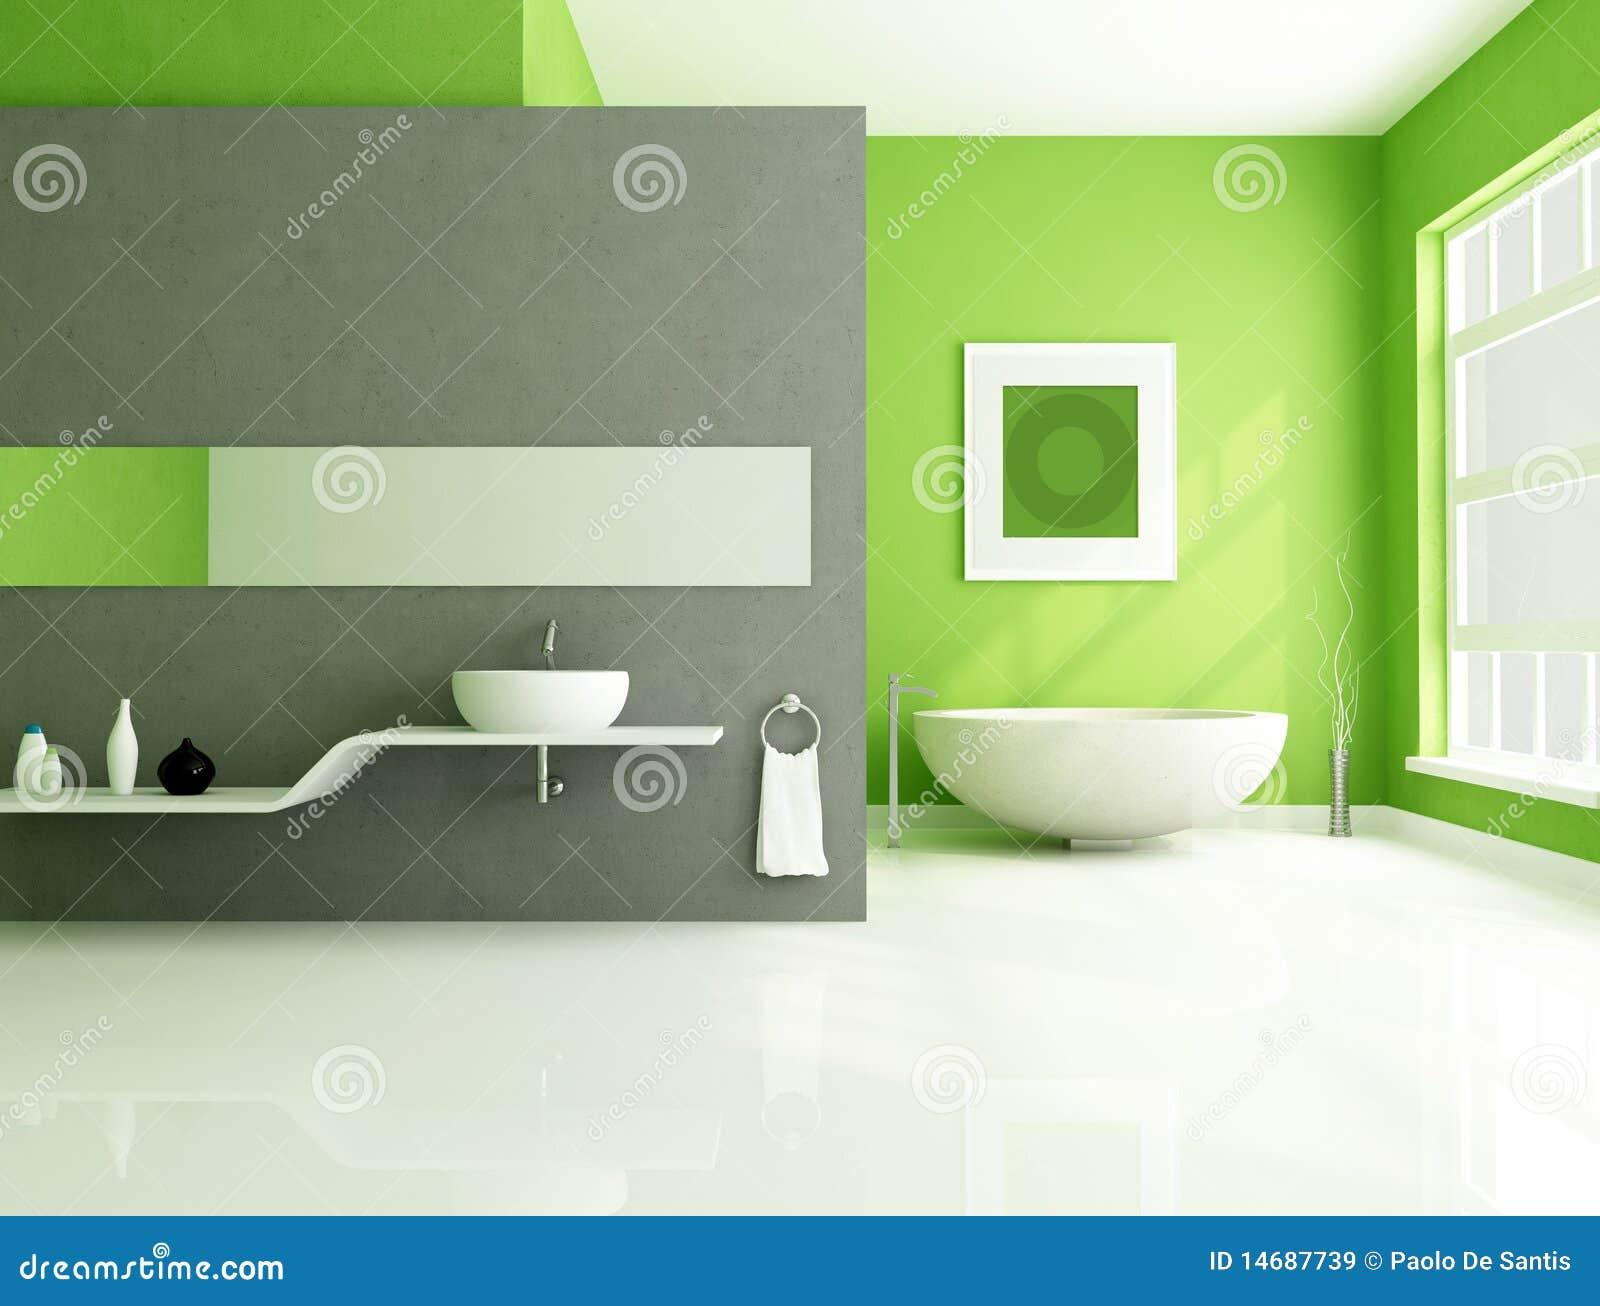 Salle De Bains Contemporaine Verte Et Grise Images libres de ...